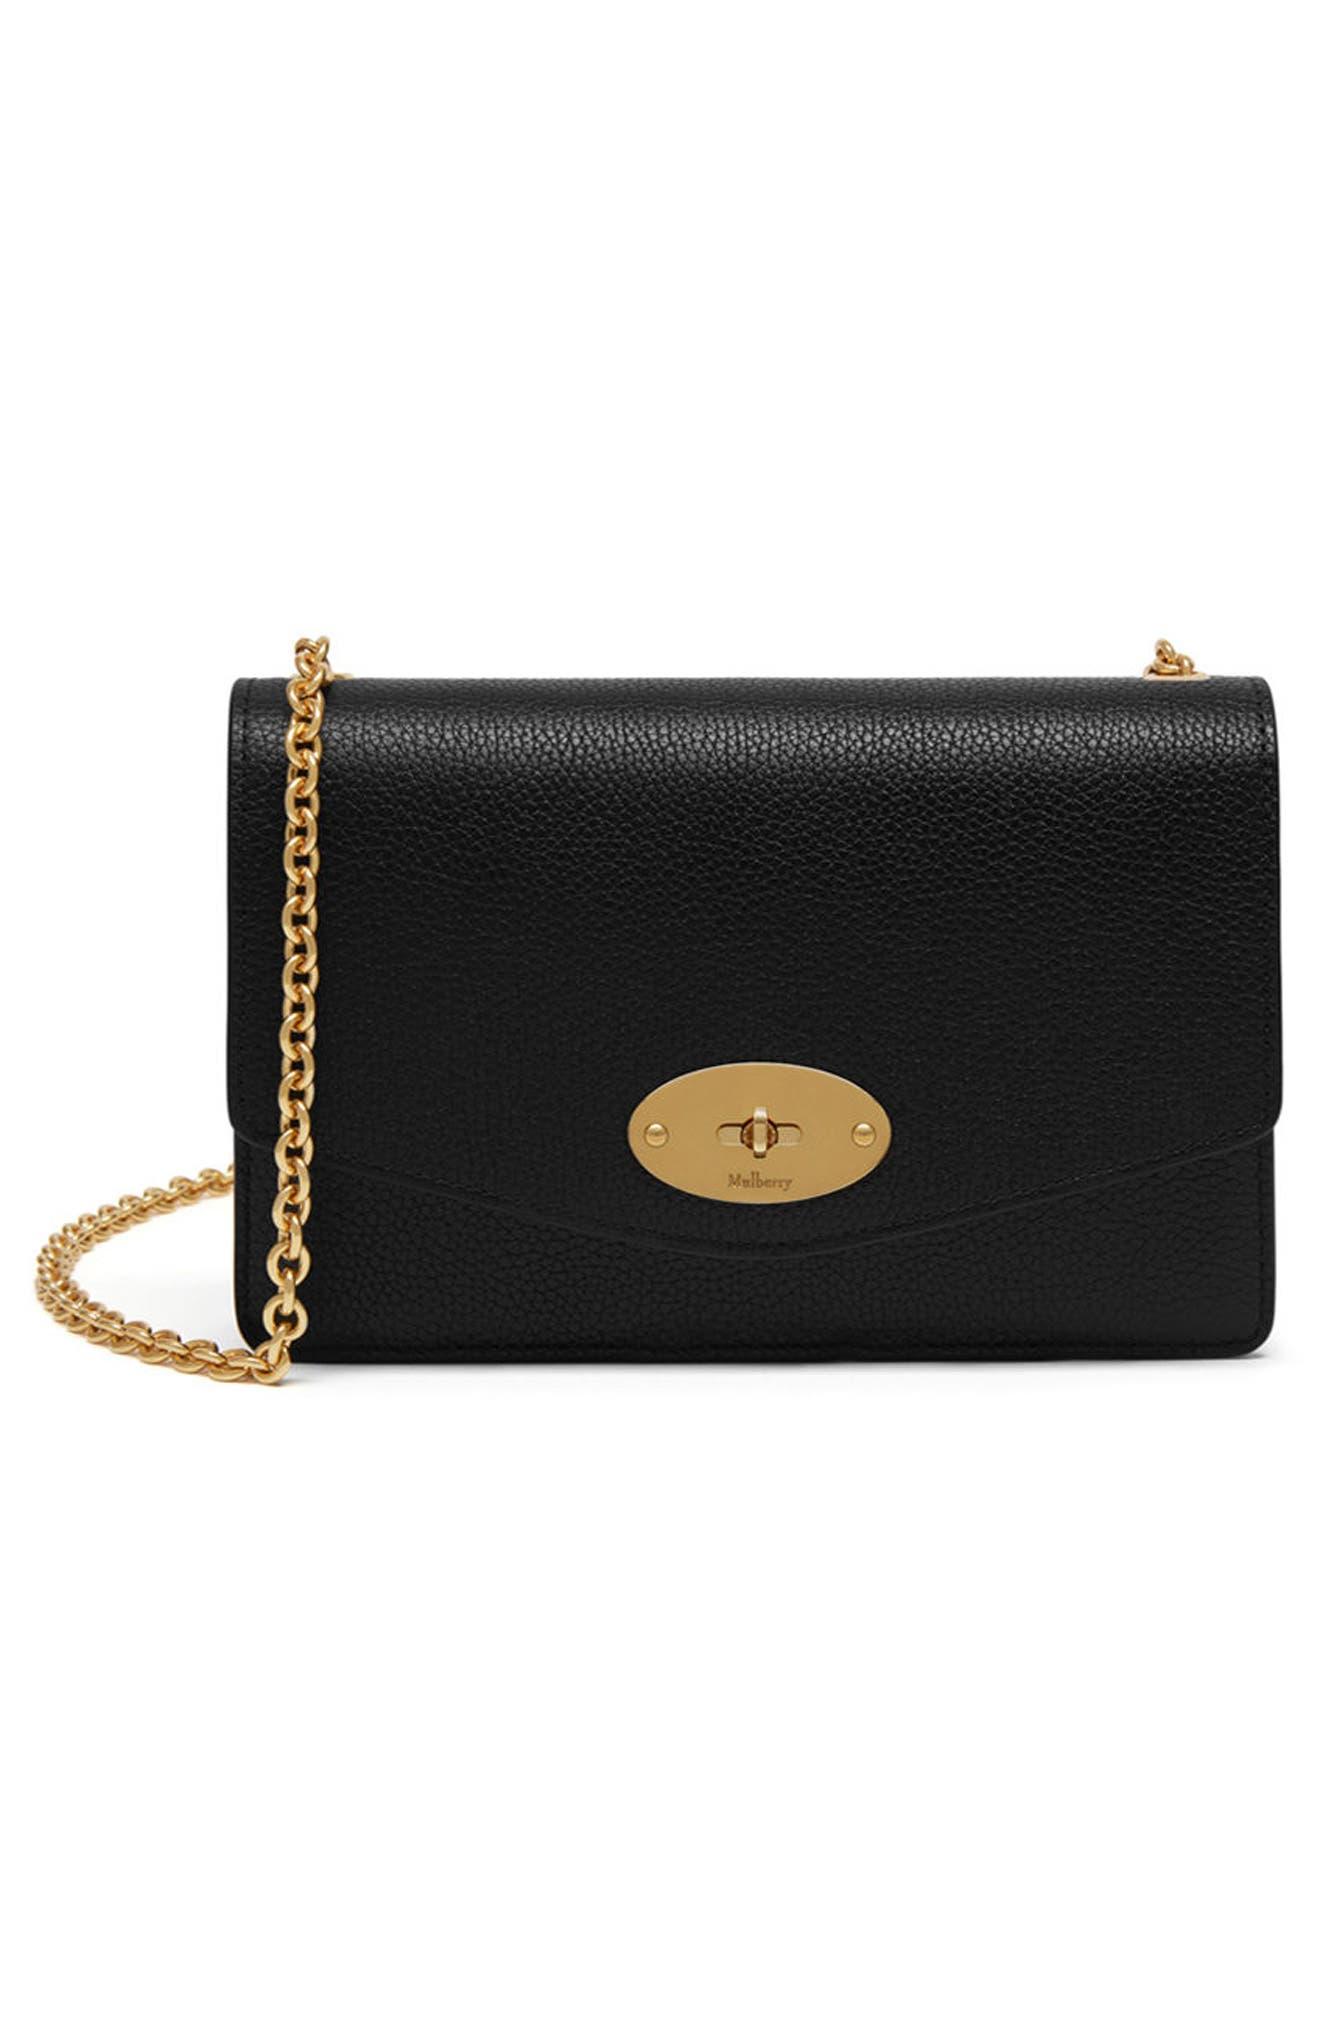 2a6ca9802d12 Mulberry Handbags   Wallets for Women